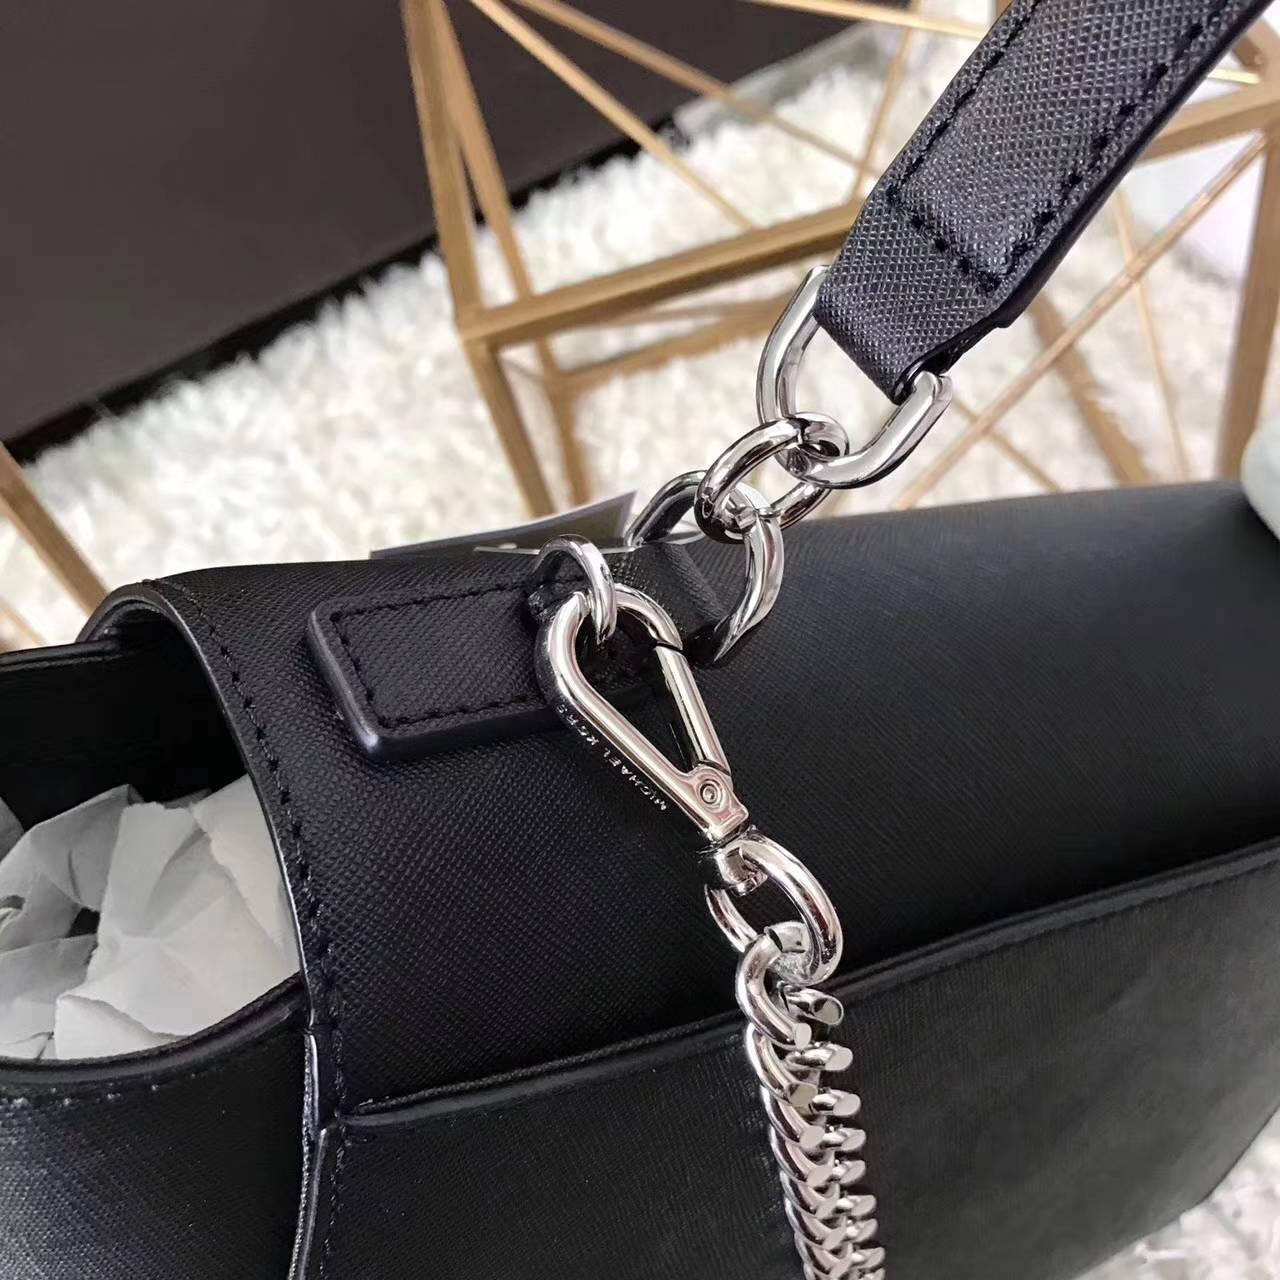 MK2017年新款女包 迈克科尔斯黑色原单十字纹牛皮秋千包手提包26CM